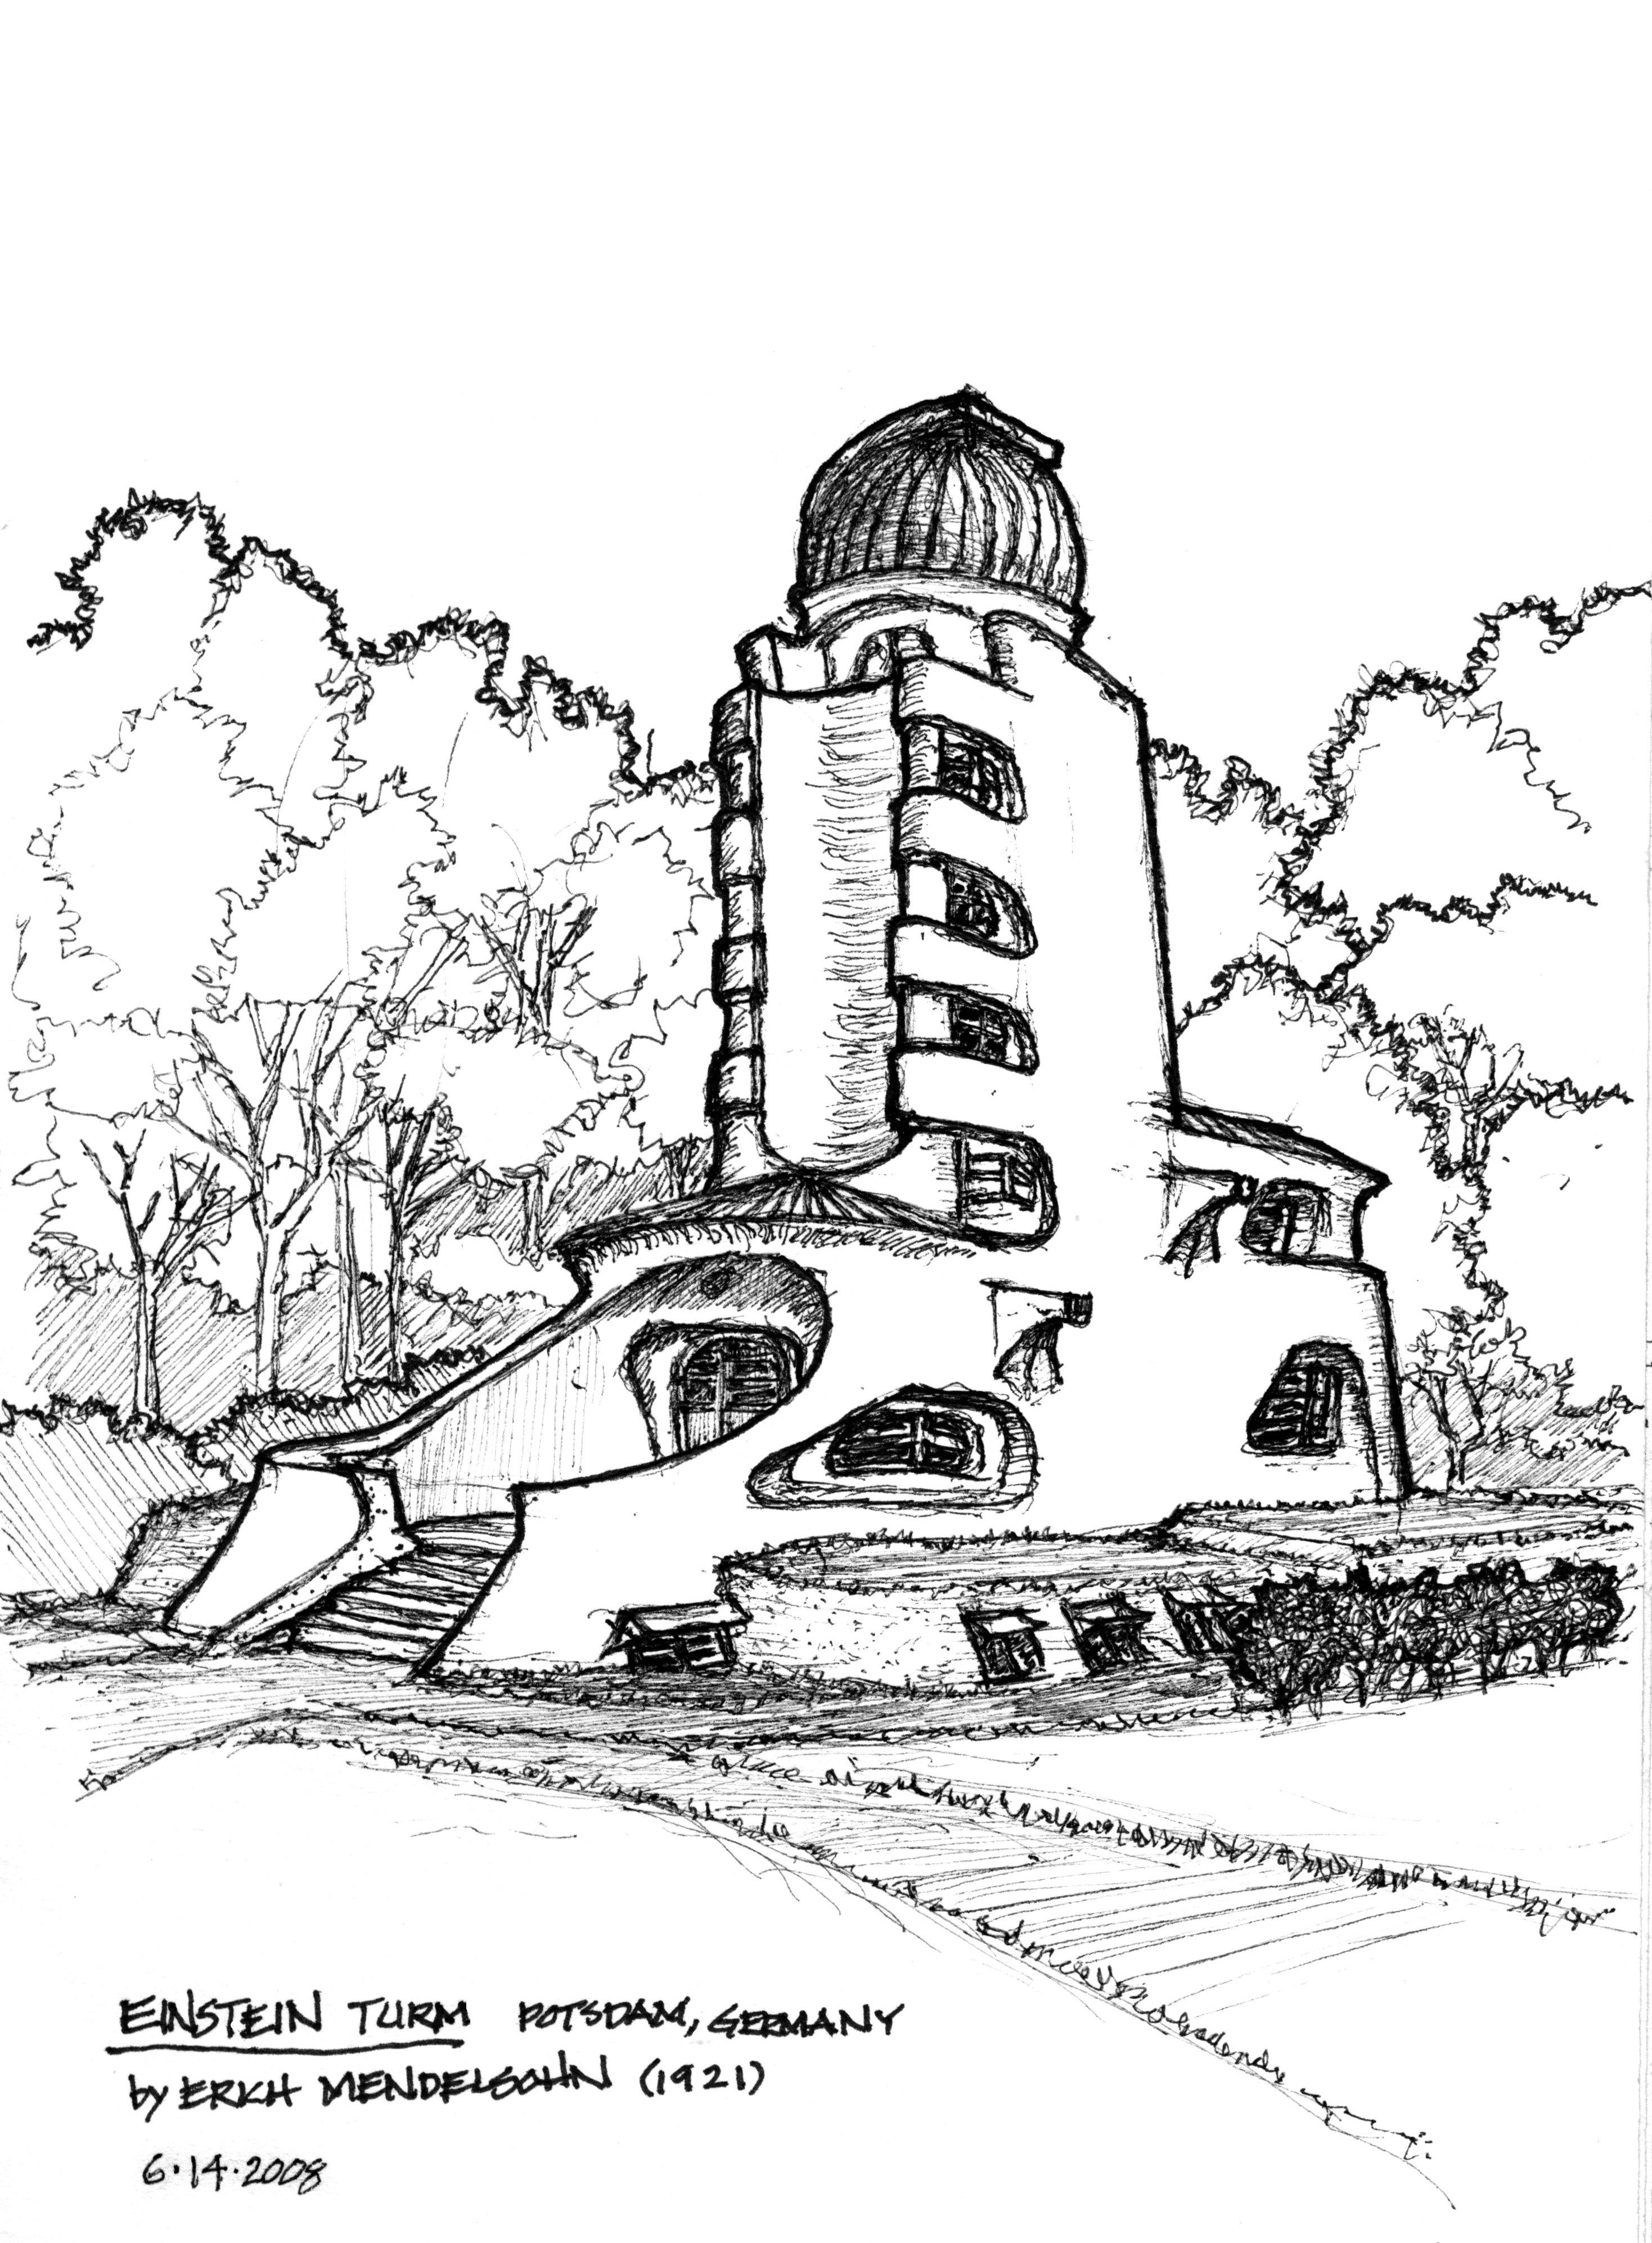 Einstein Tower by Erich Mendelsohn in Potsdam, Germany